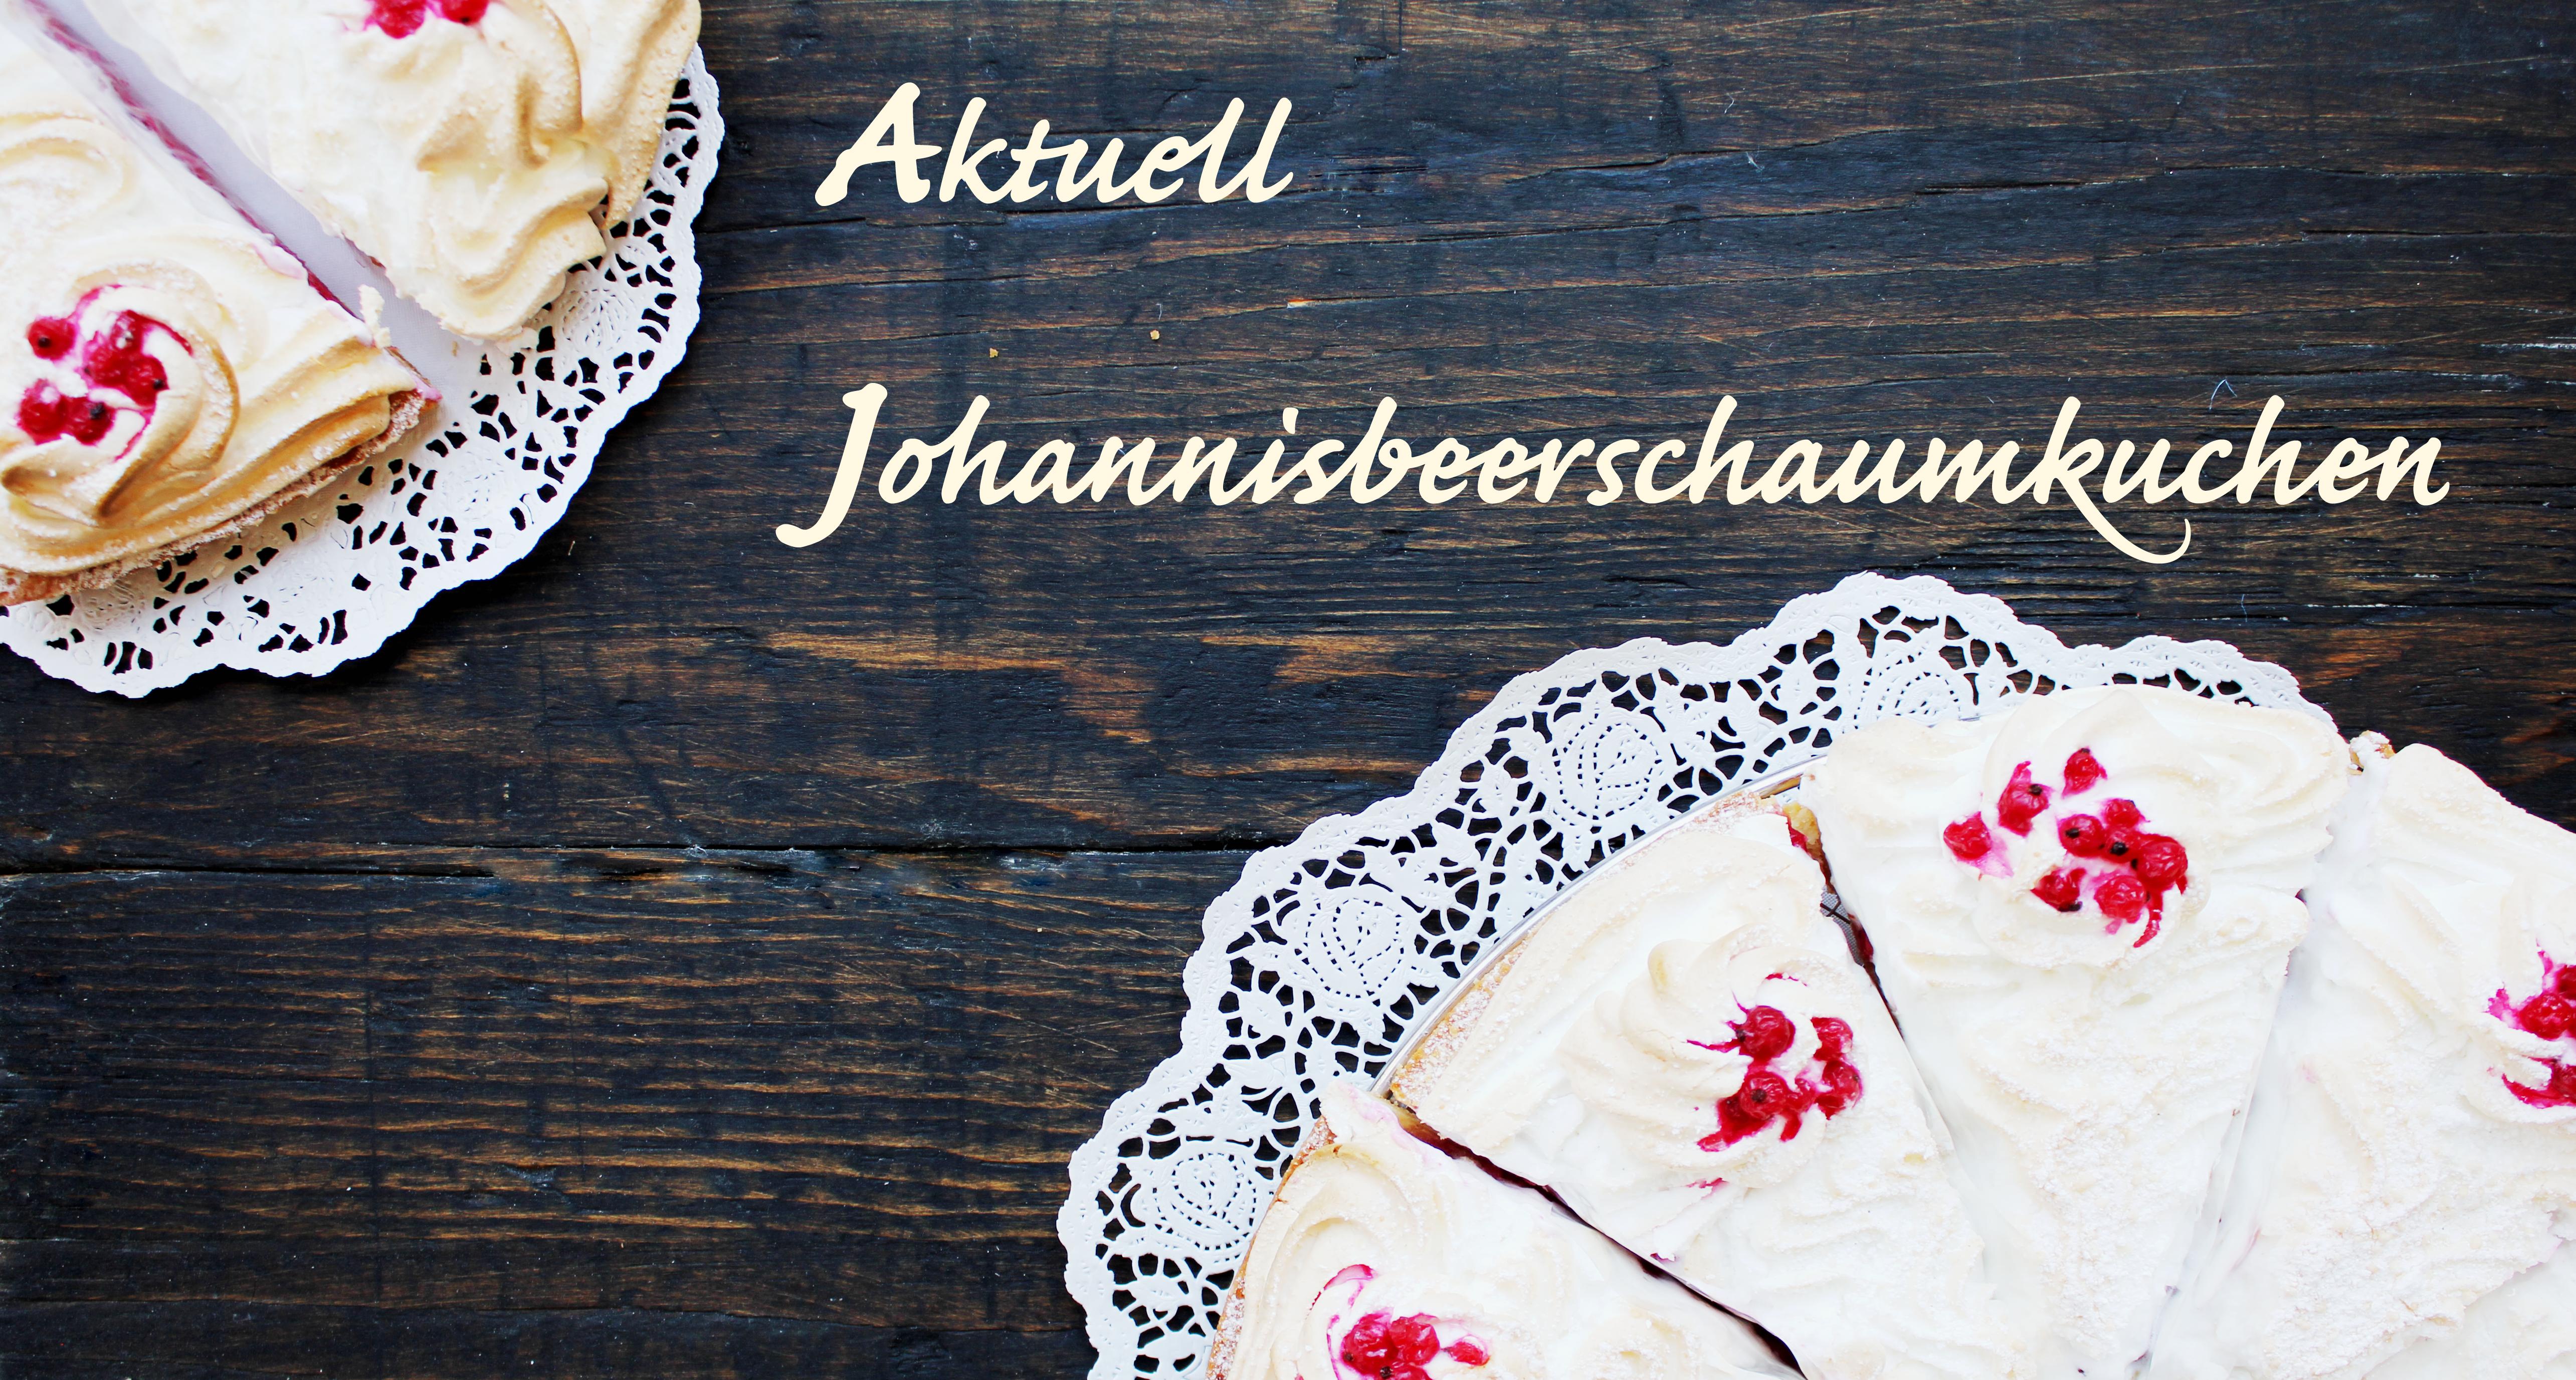 Titelnild-Patisserie-Johannisbeerschaumkuchen